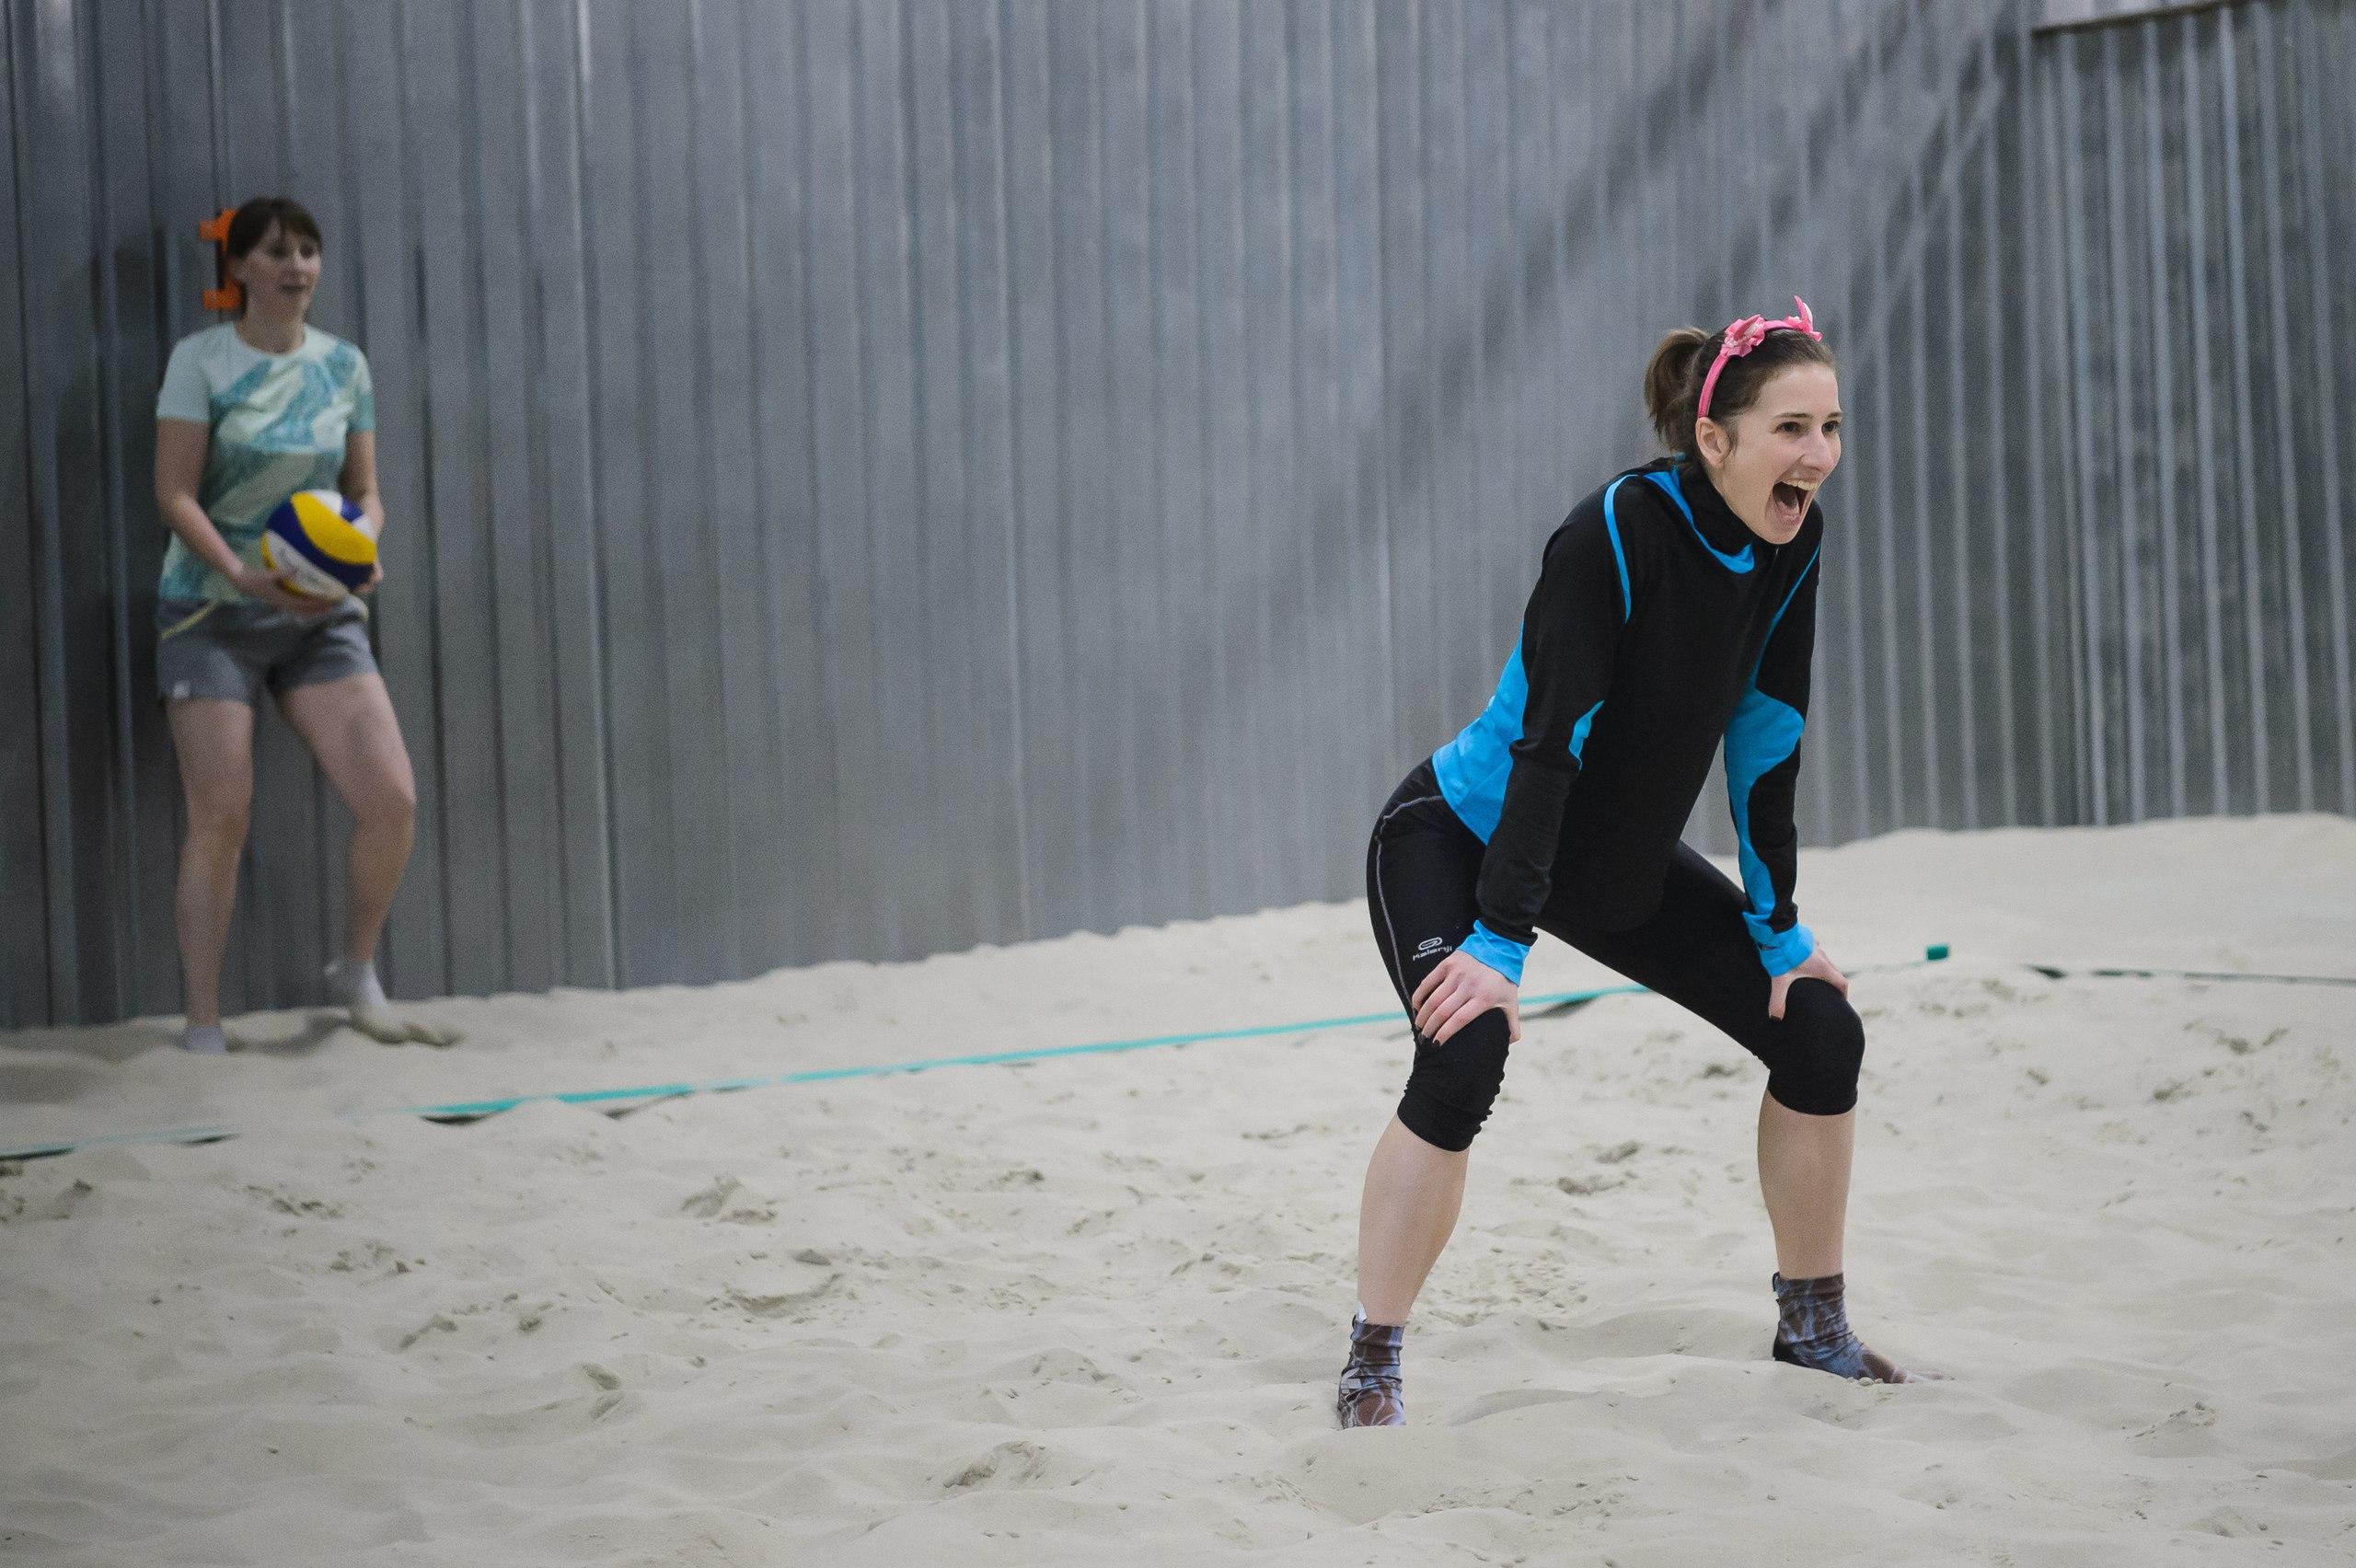 Волейболистка, пляжный волейбол